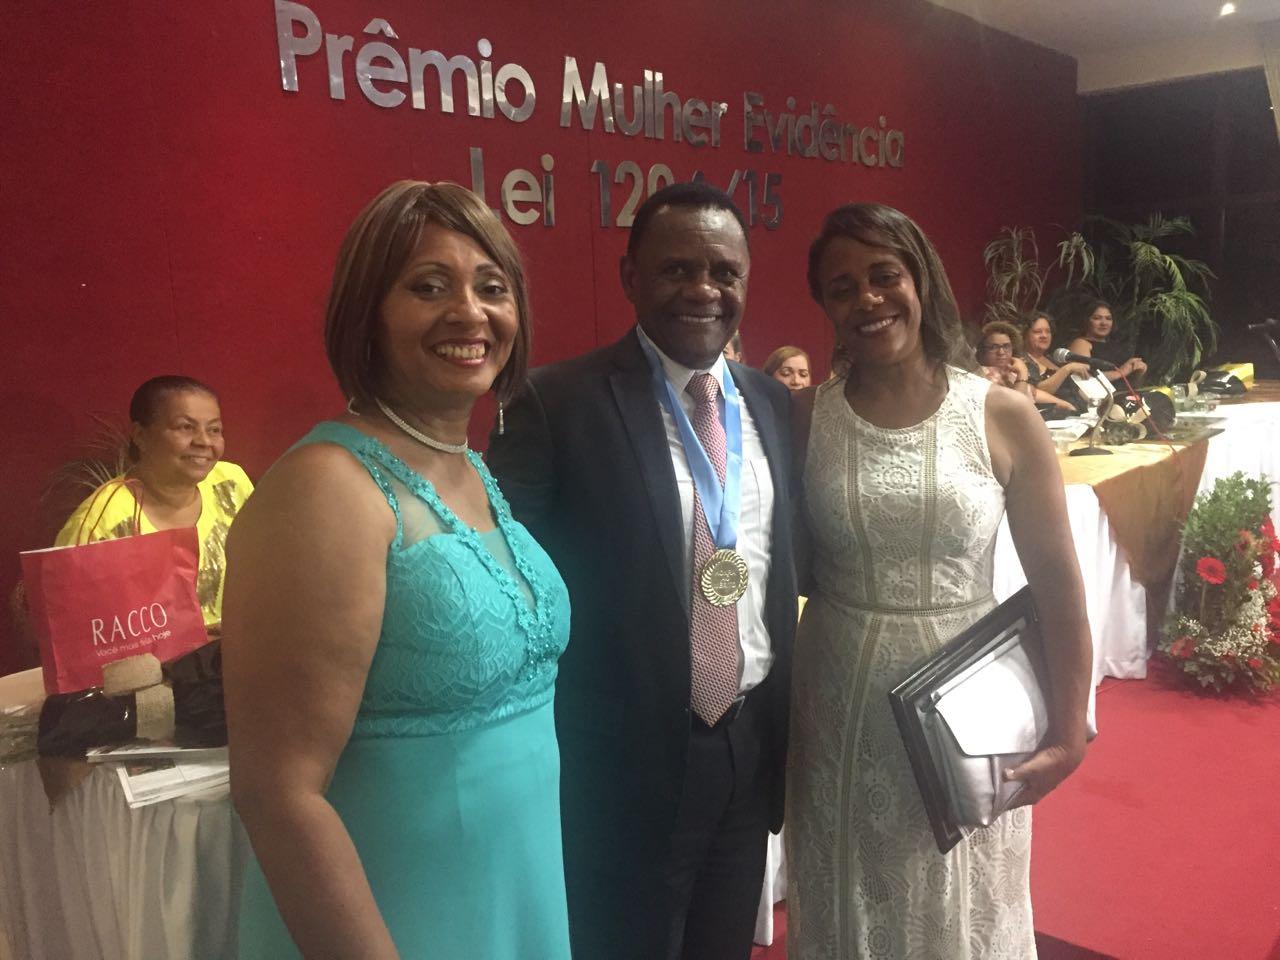 Ossesio prestigia entrega do prêmio Mulher Evidencia e recebe homenagem